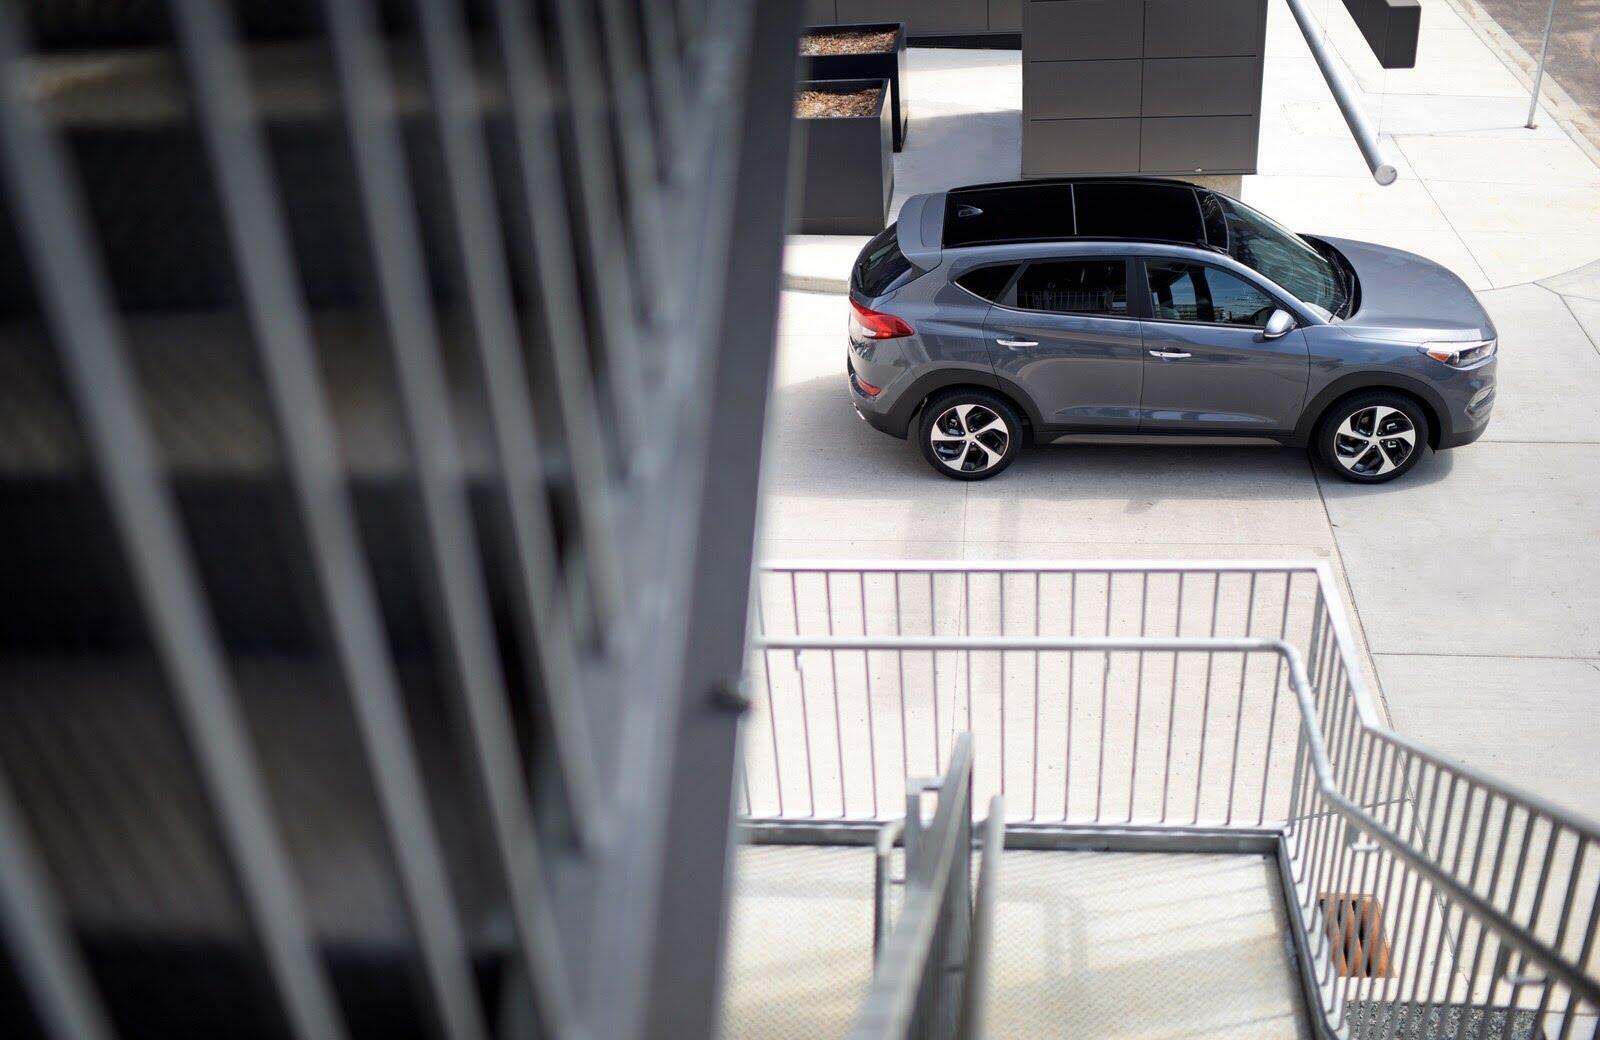 Ảnh chi tiết Hyundai Tucson 2018 - Hình 1